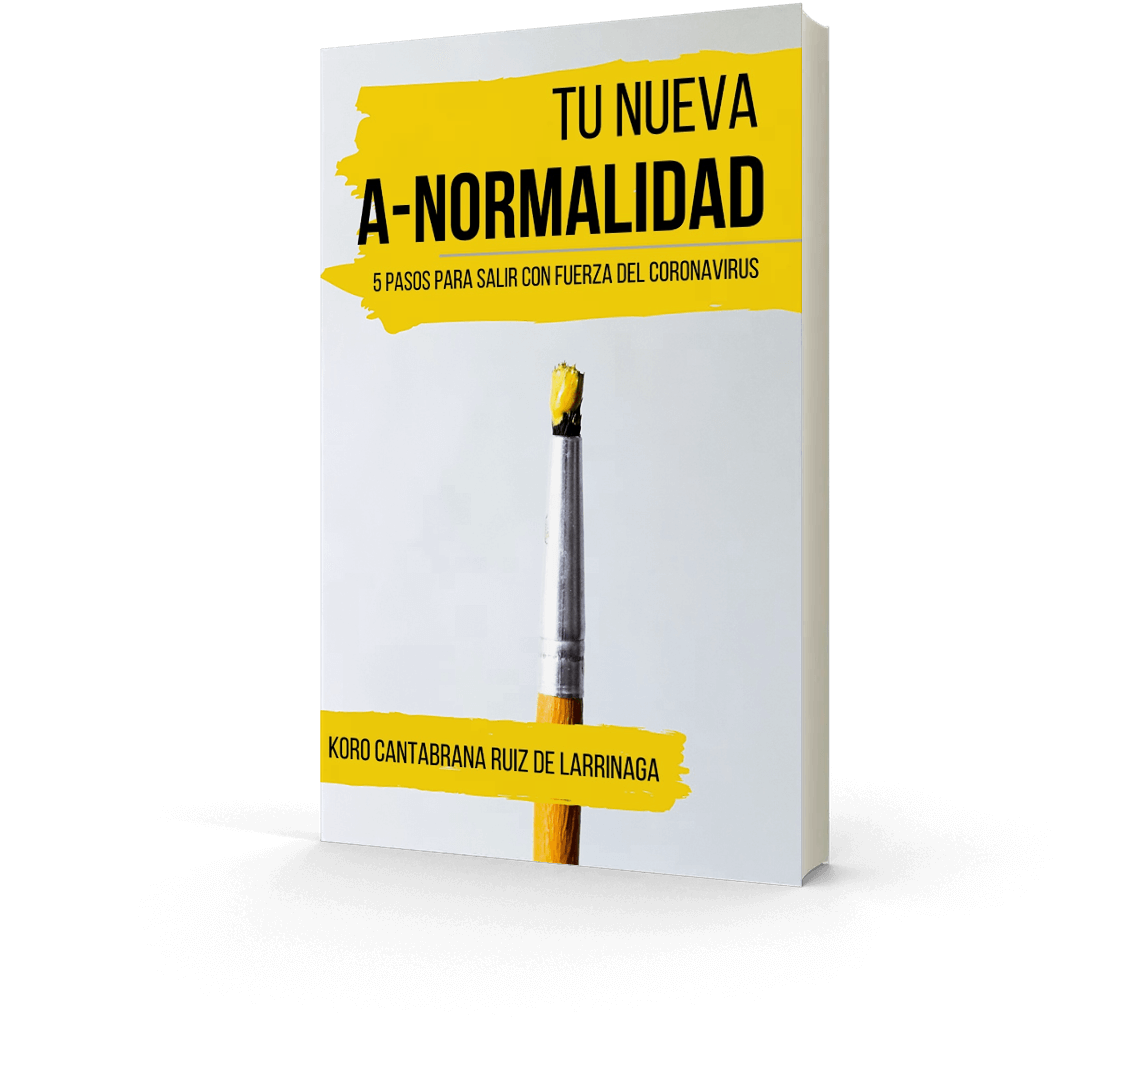 Koro Cantabrana Libro Tu Nueva A-Normalidad